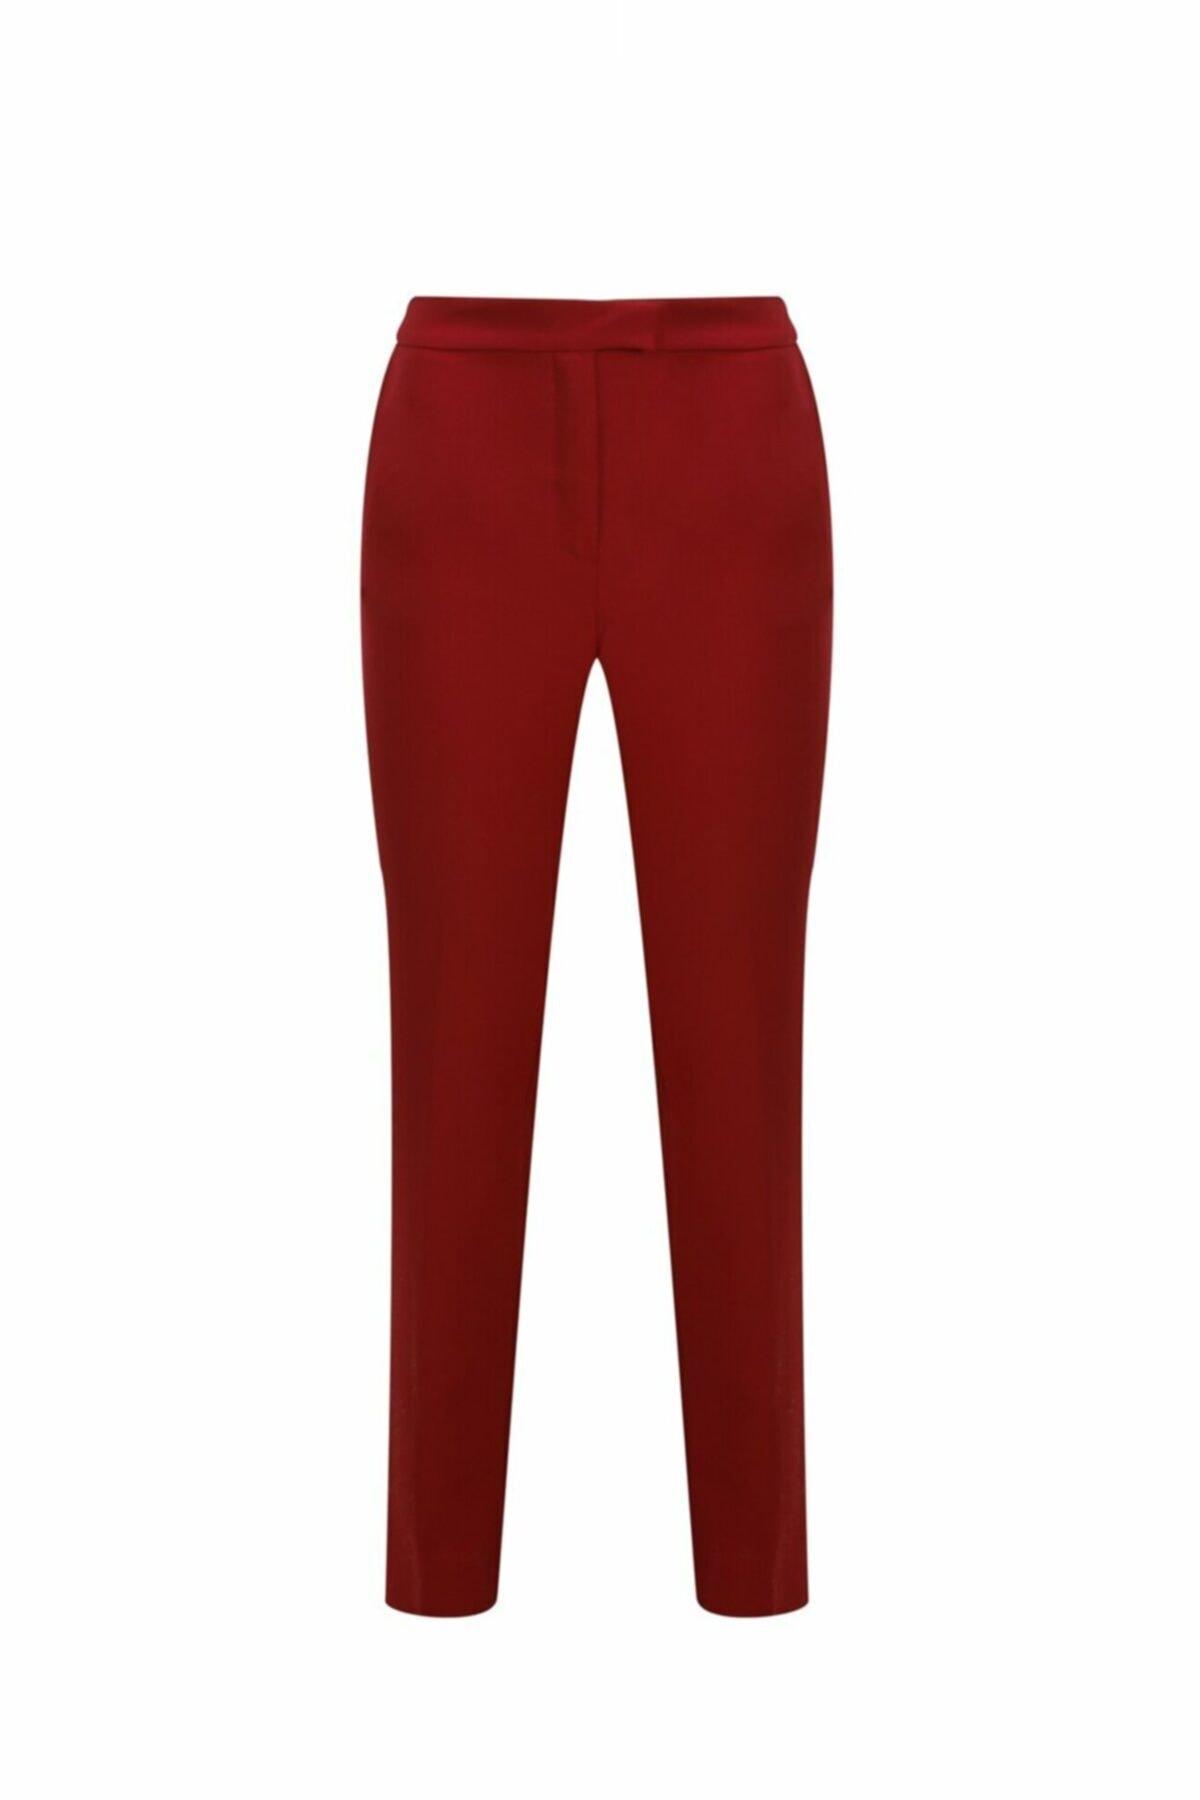 adL Kadın Kırmızı Kalem Pantolon 153C1538000006 1